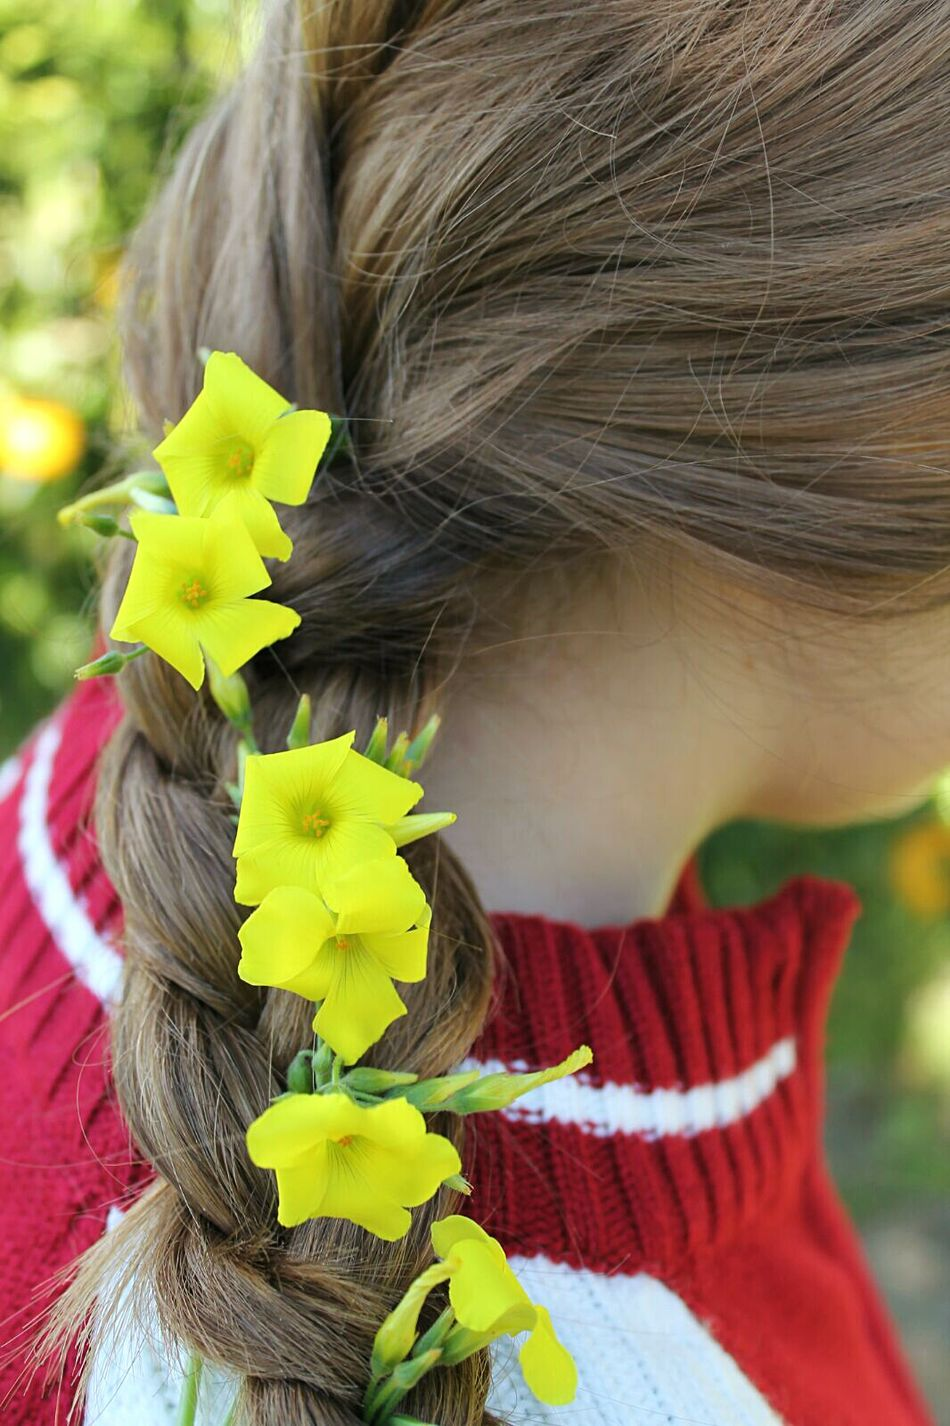 Flowers Flores Me Trenza Hair Pelo Nature Spring Brown Marron Yellow Amarillo Green Verde Naturaleza Trees Arboles Malaga Yo Red Rojo White Blanco Recuerdos Memory